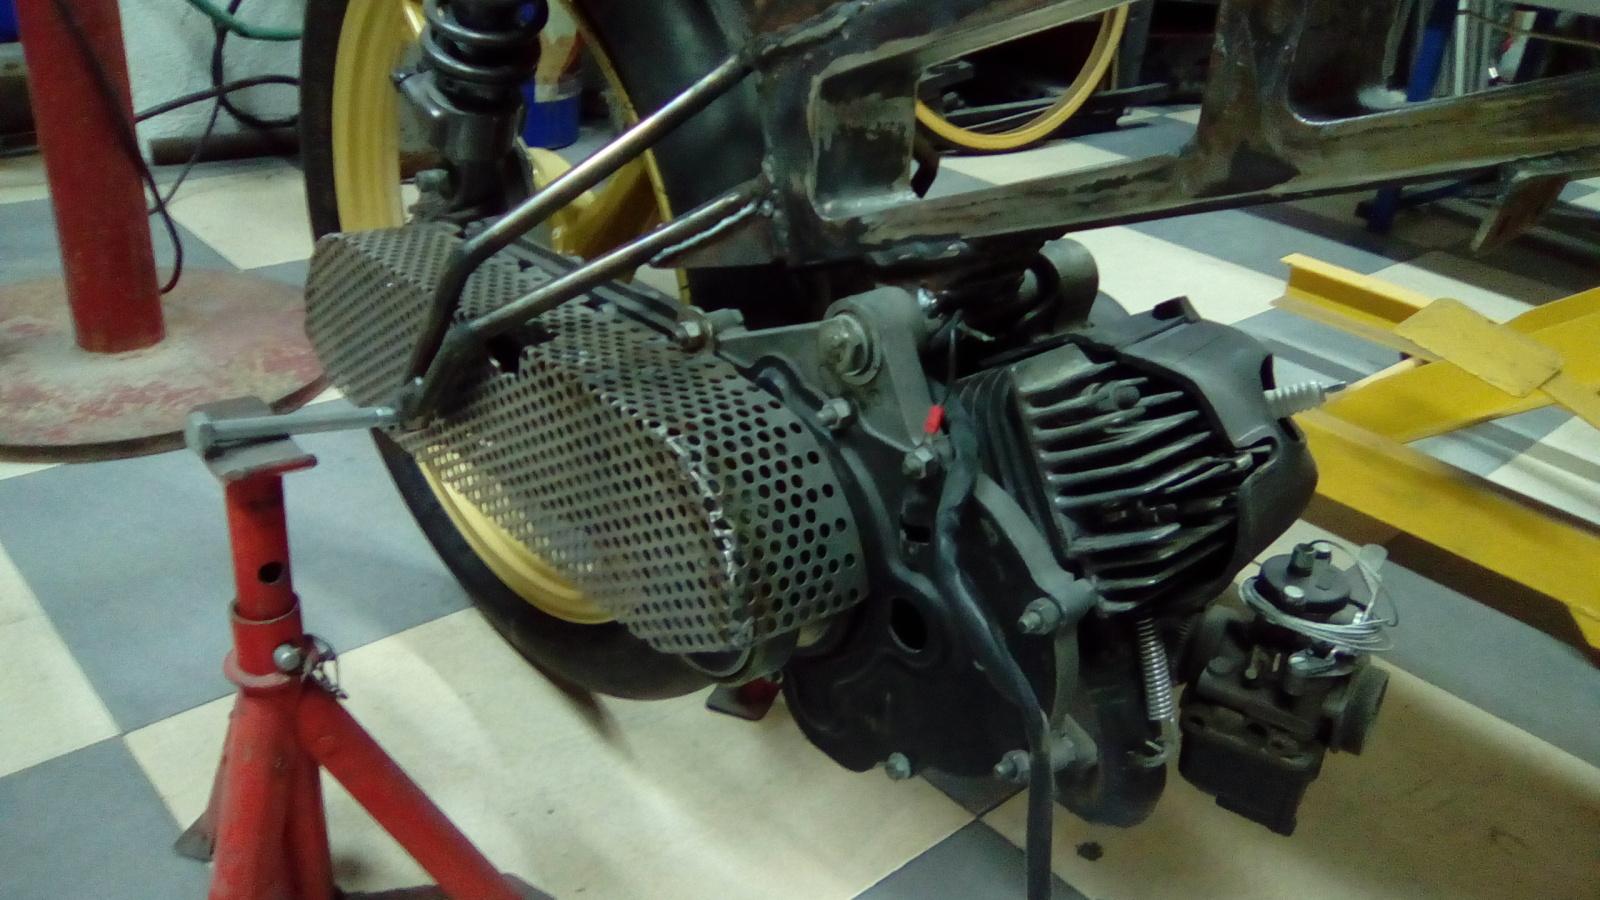 Proyecto Vespino de 65 cc. de Velocidad. - Página 4 Wj85xz